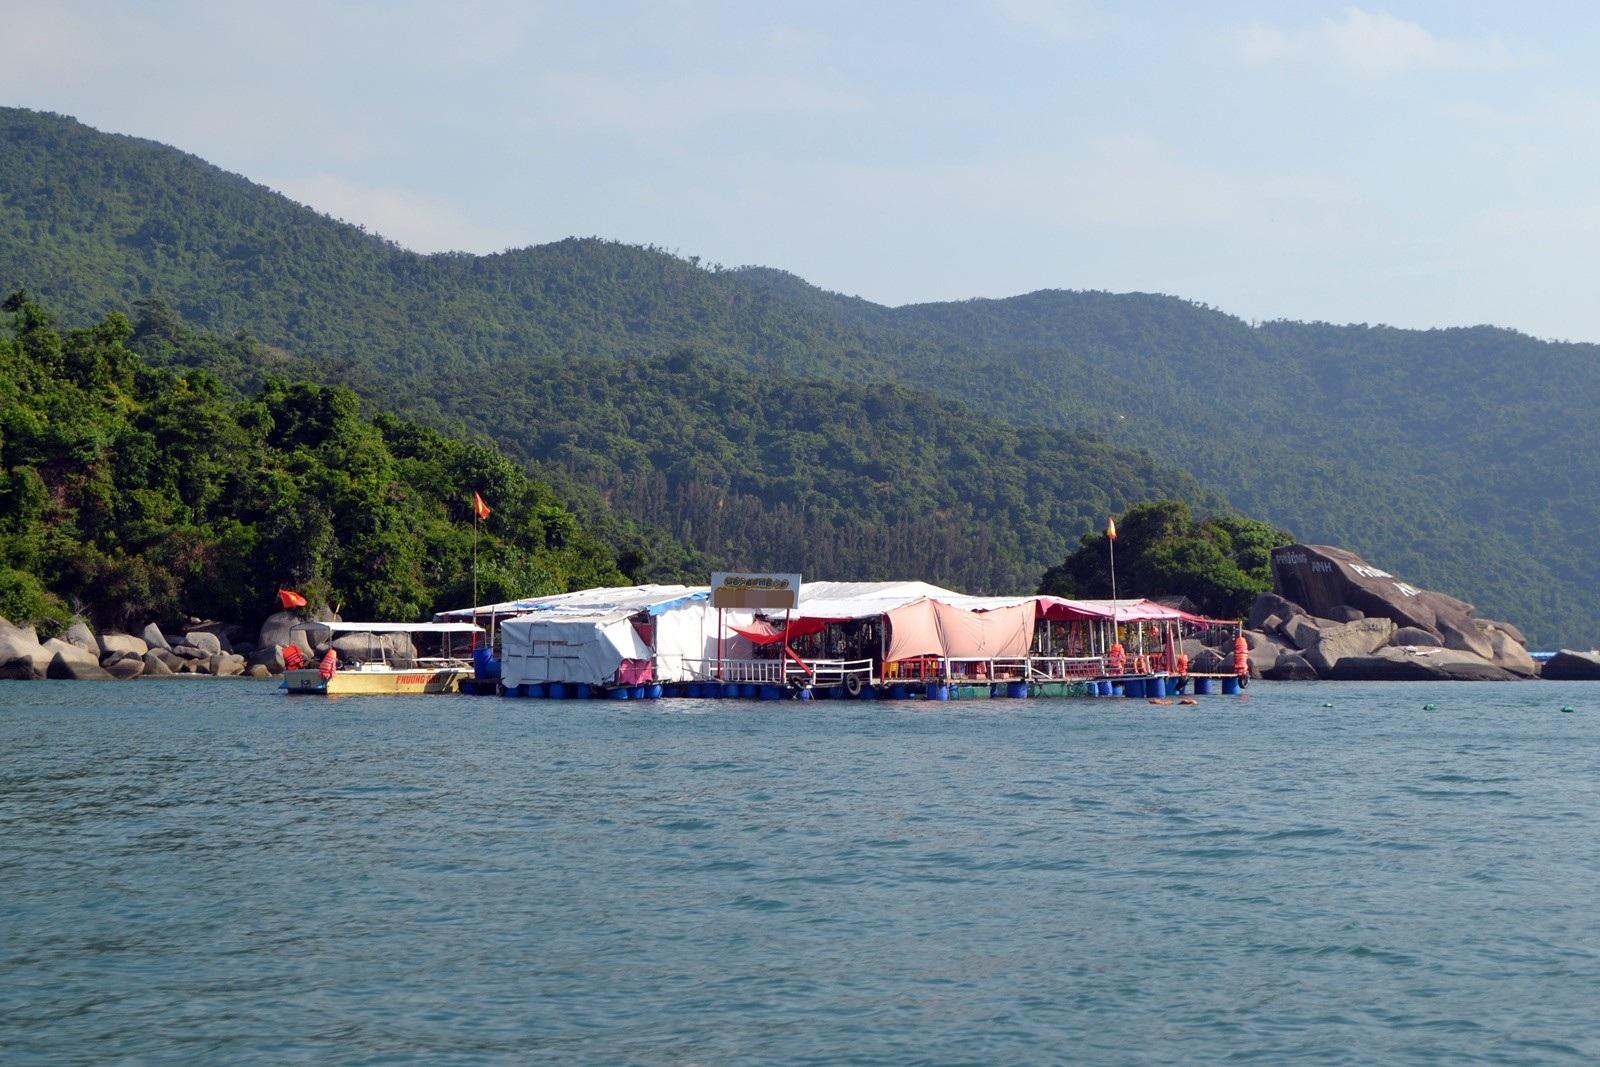 Phú Yên: Sắp xếp bè nổi phục vụ ăn uống tại các khu du lịch vào bờ trước Tết - Ảnh 1.